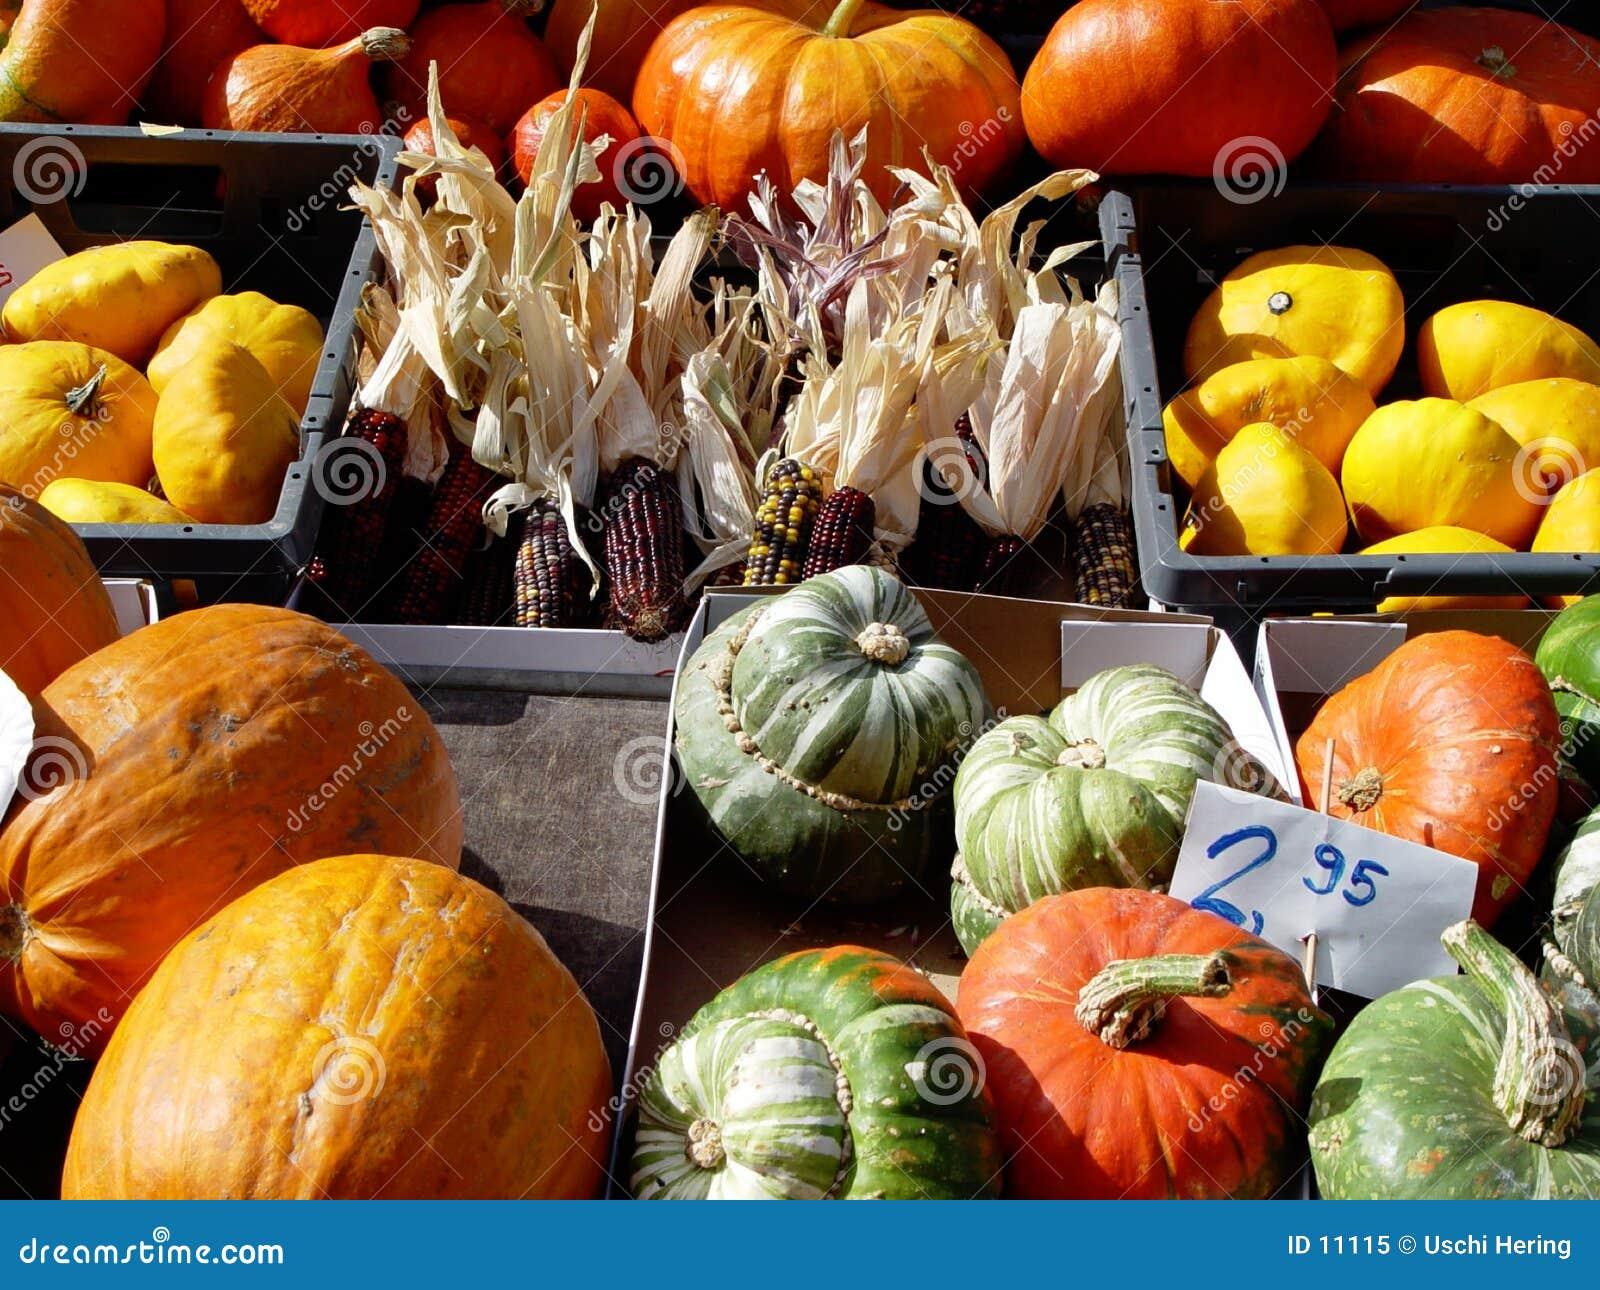 pumpkins + corn